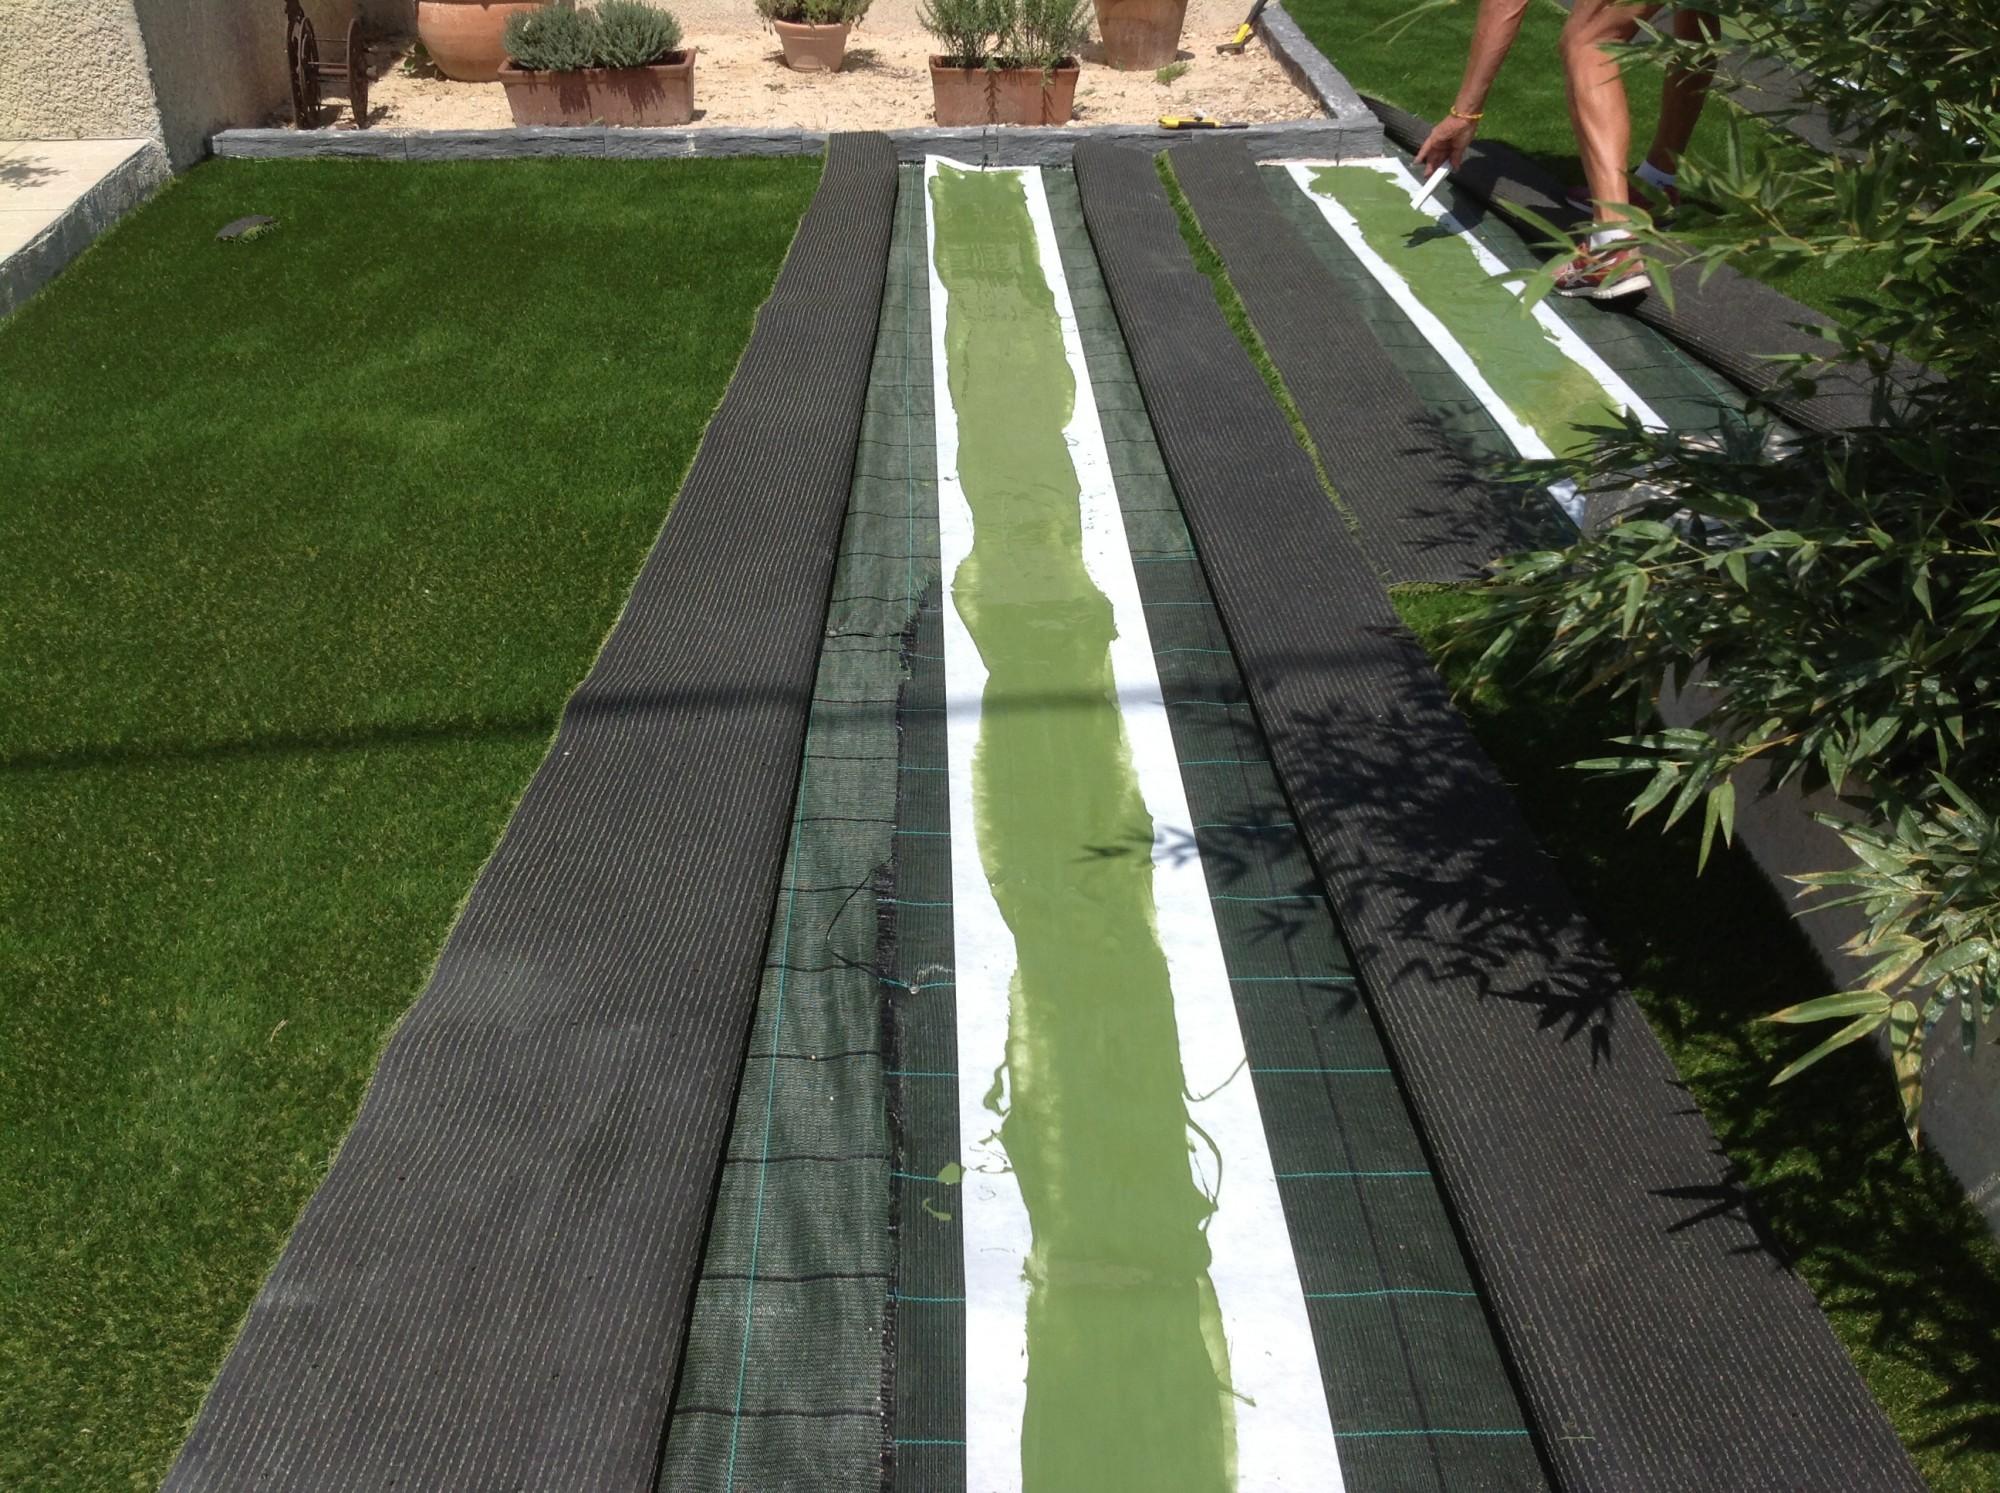 Installateur de pelouse synthétique à Nice